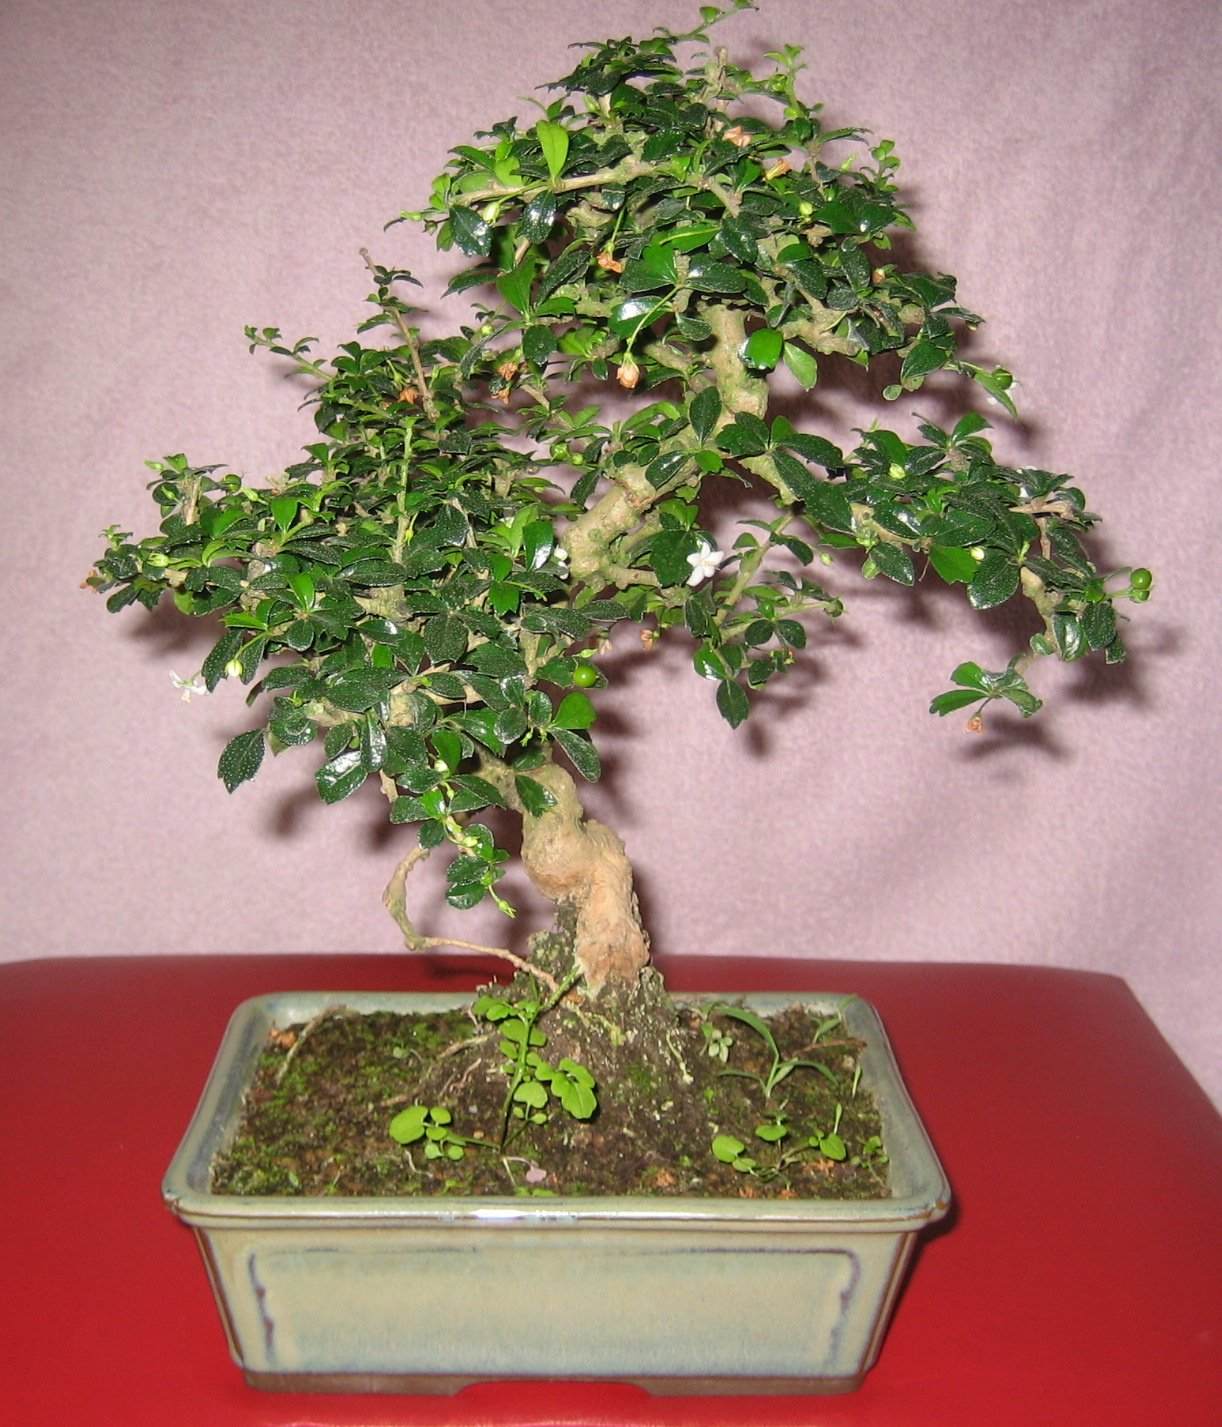 welcher bonsai ist das carmona microphylla pflanzenbestimmung pflanzensuche green24. Black Bedroom Furniture Sets. Home Design Ideas